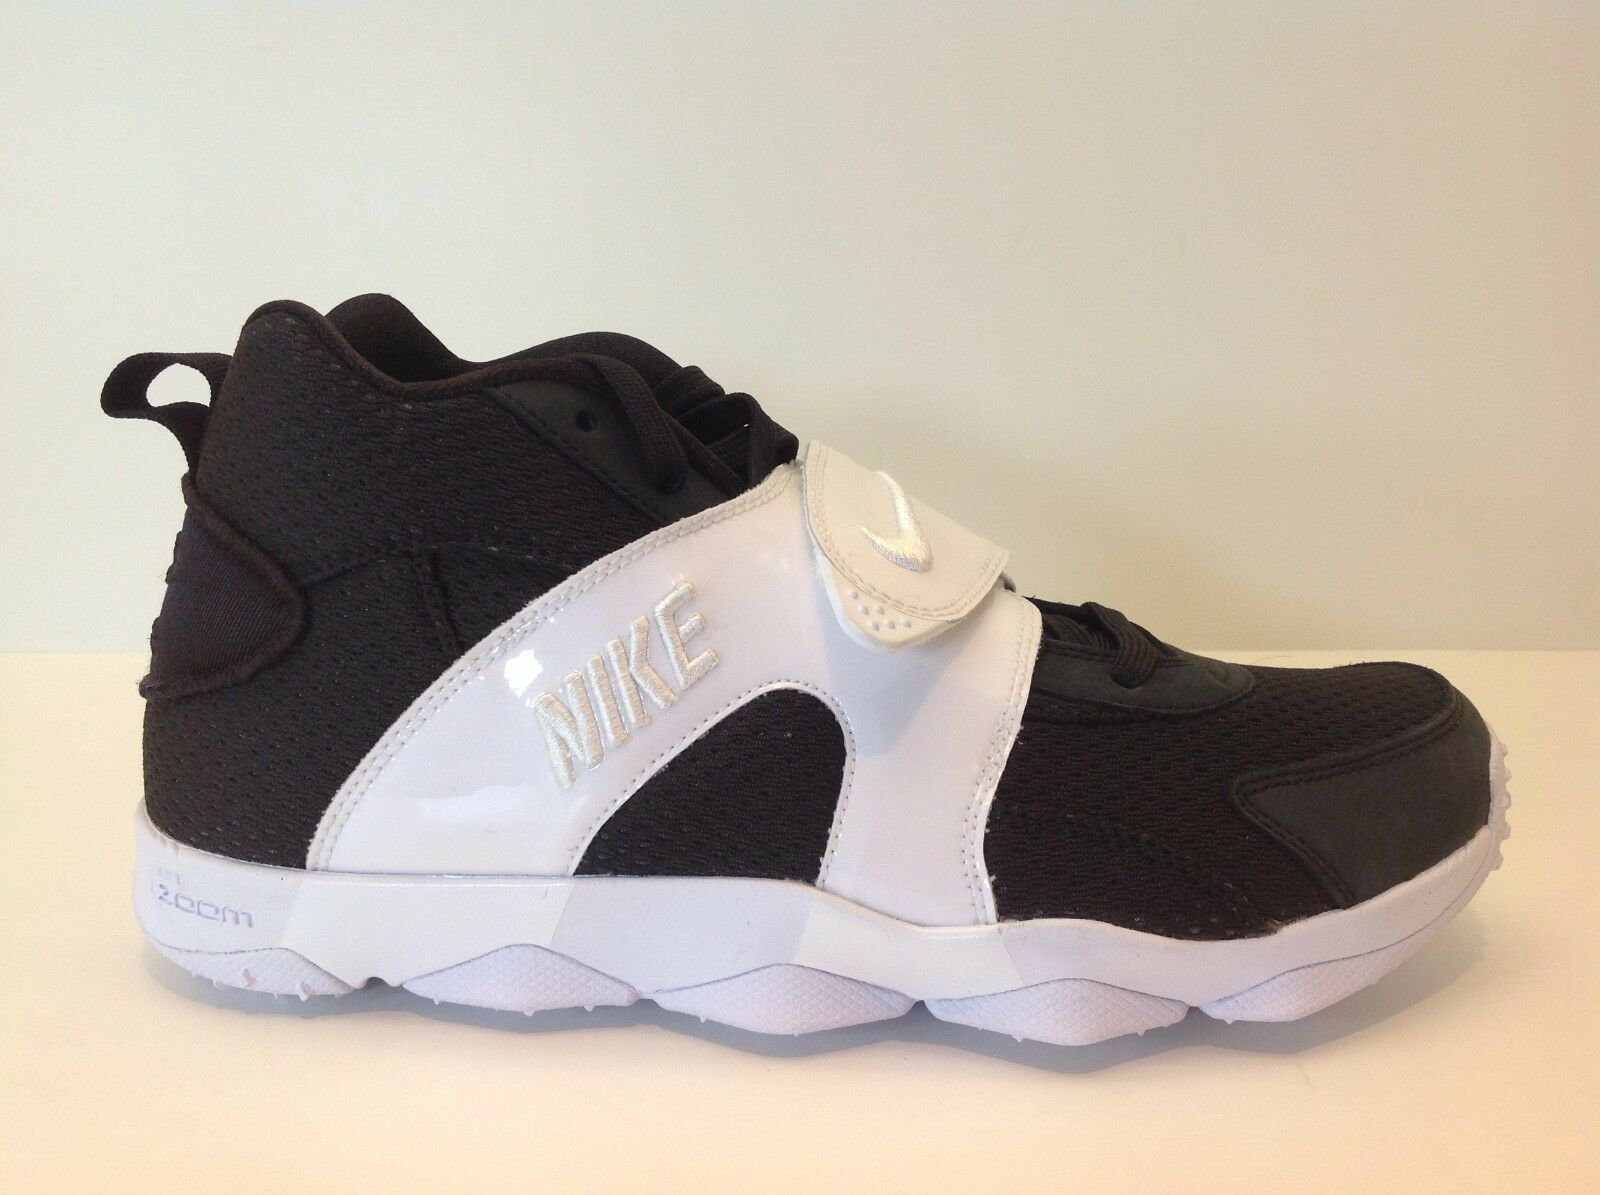 Nike 9.5-13 zoom über männer größe 9.5-13 Nike schwarz / weiß new in box 844675 001 413918